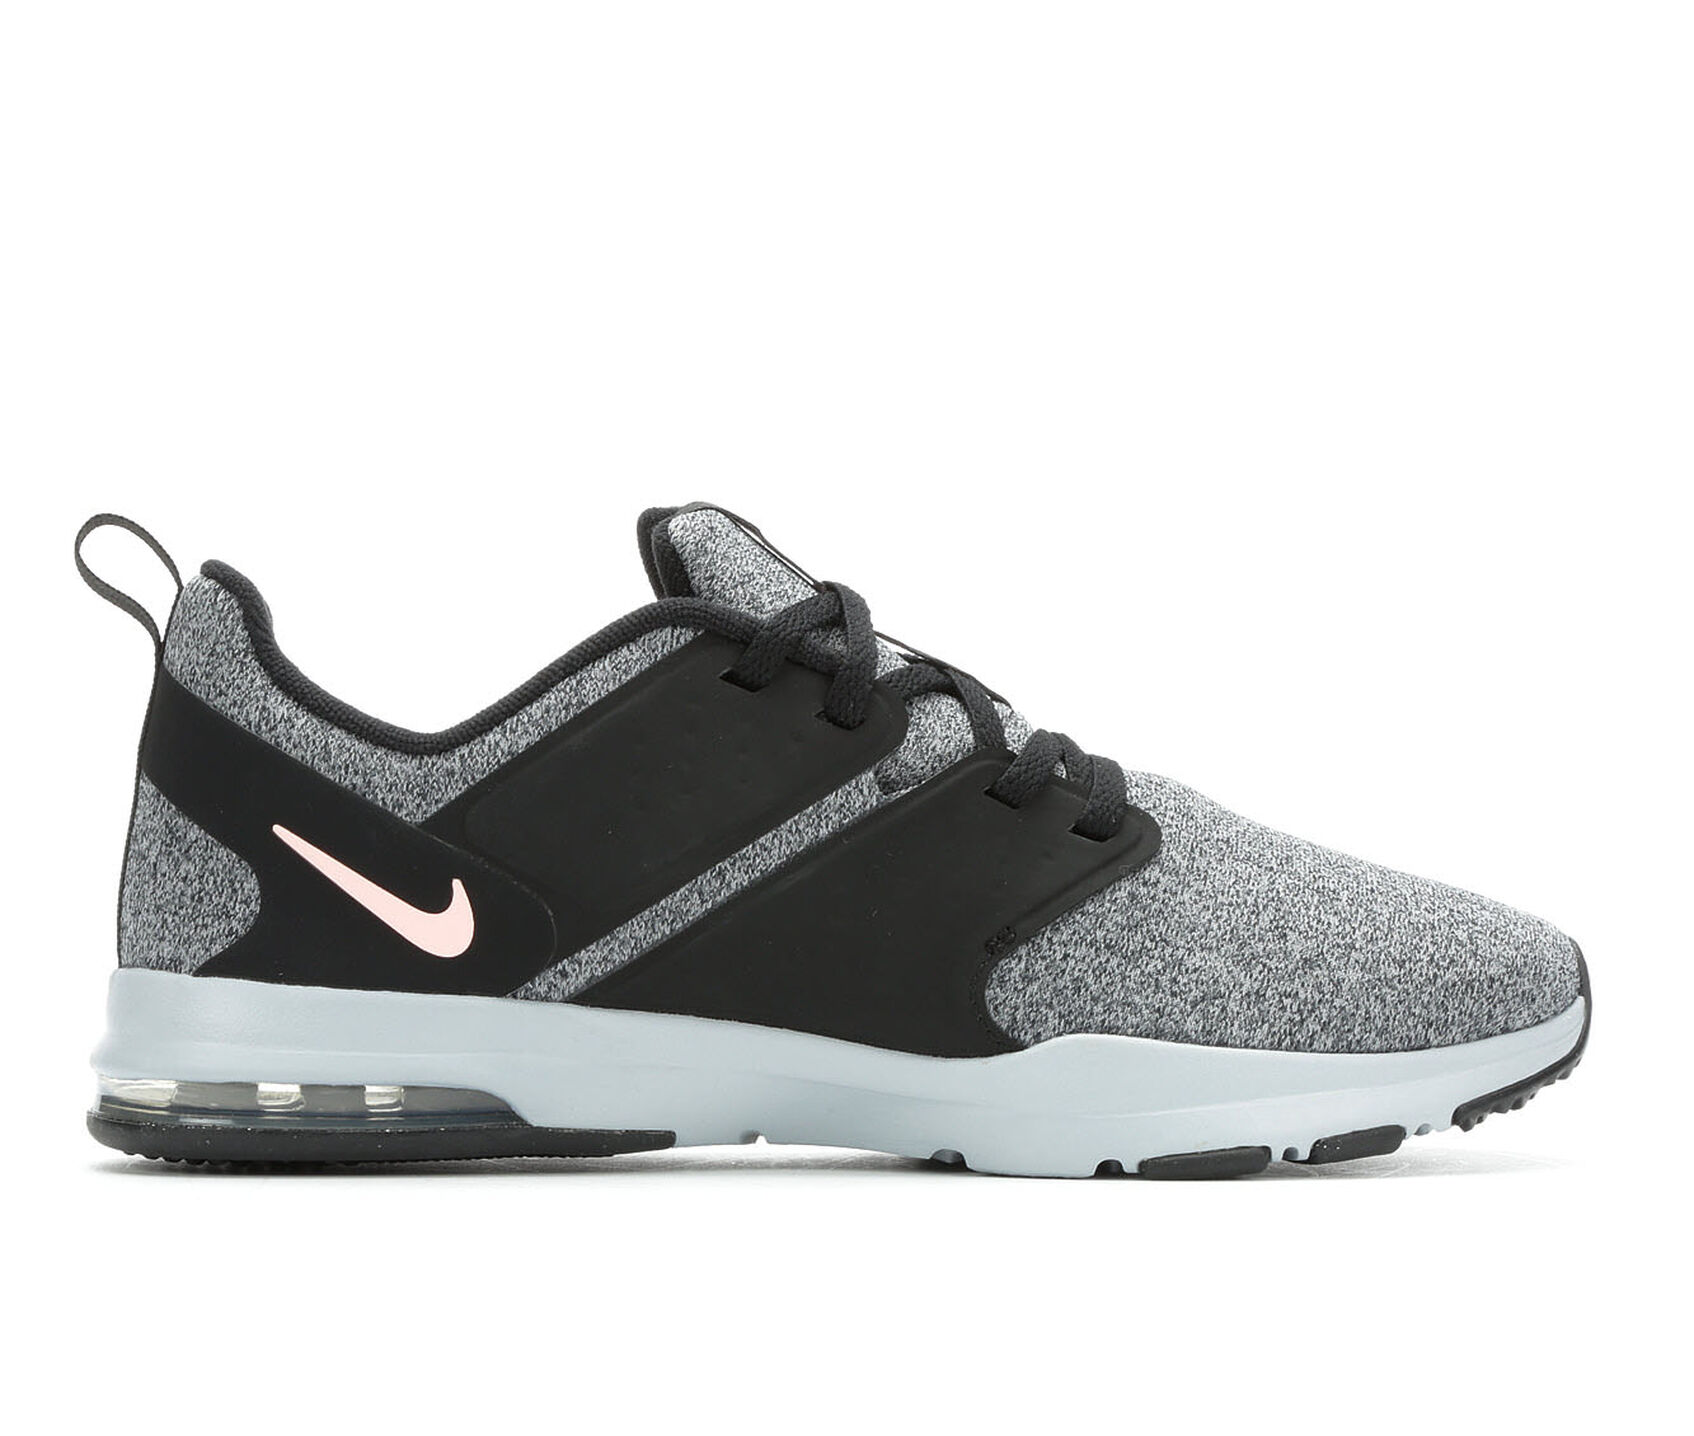 708fa7e9a3ebb2 ... Nike Air Bella TR Training Shoes. Previous